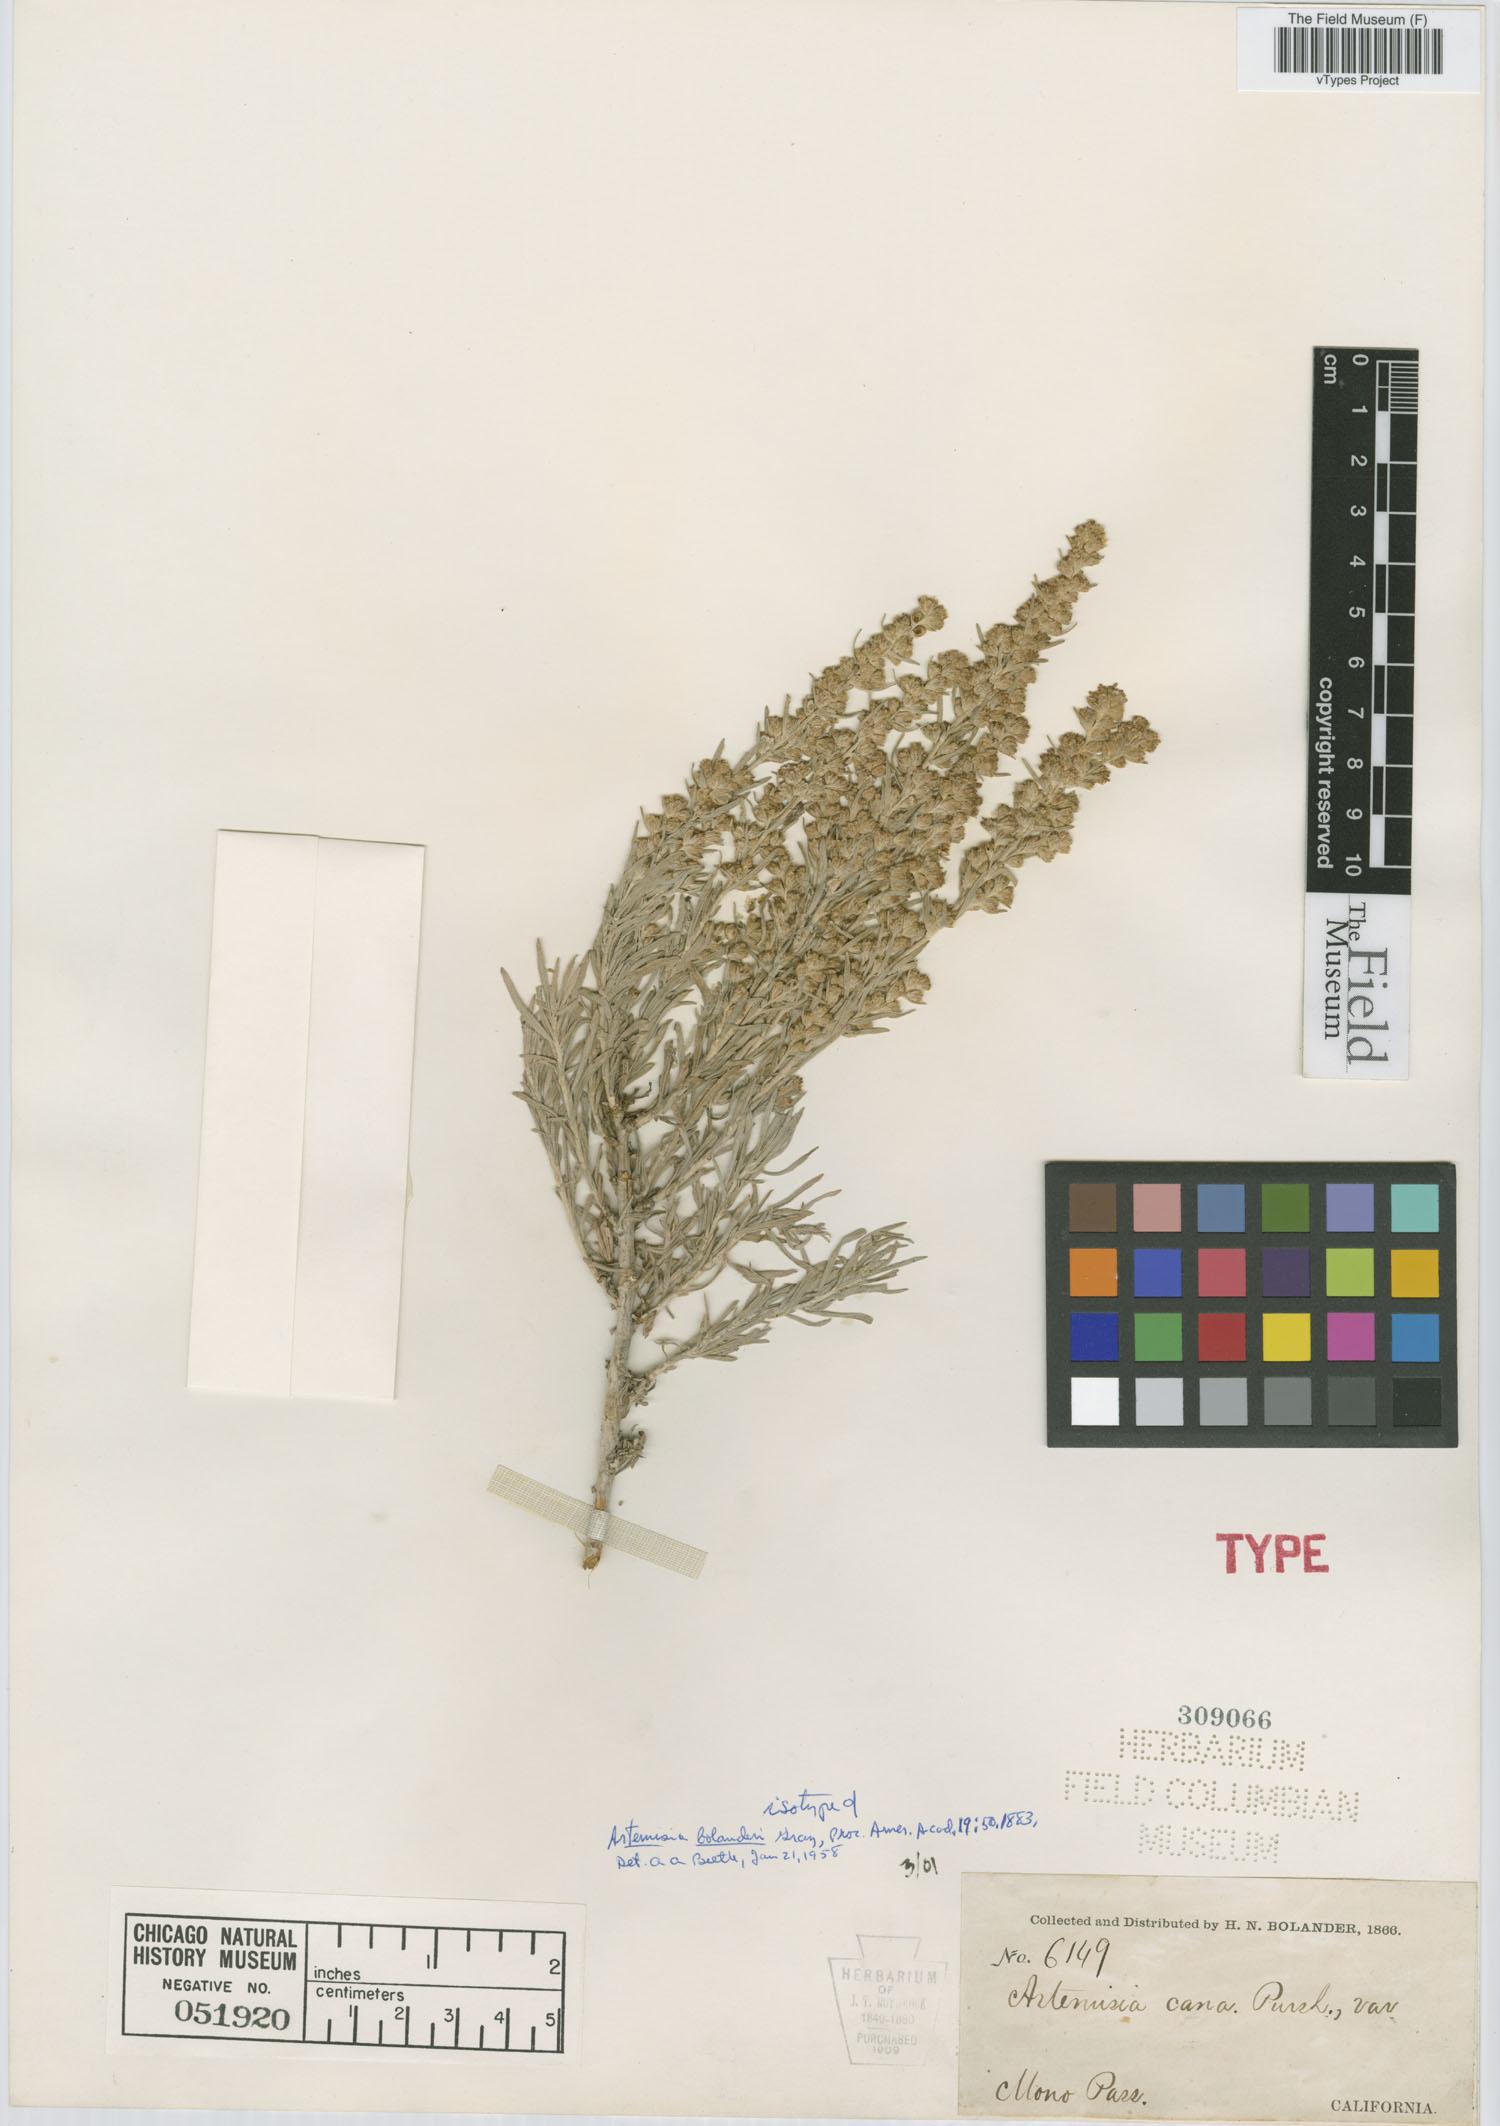 Artemisia cana subsp. bolanderi image